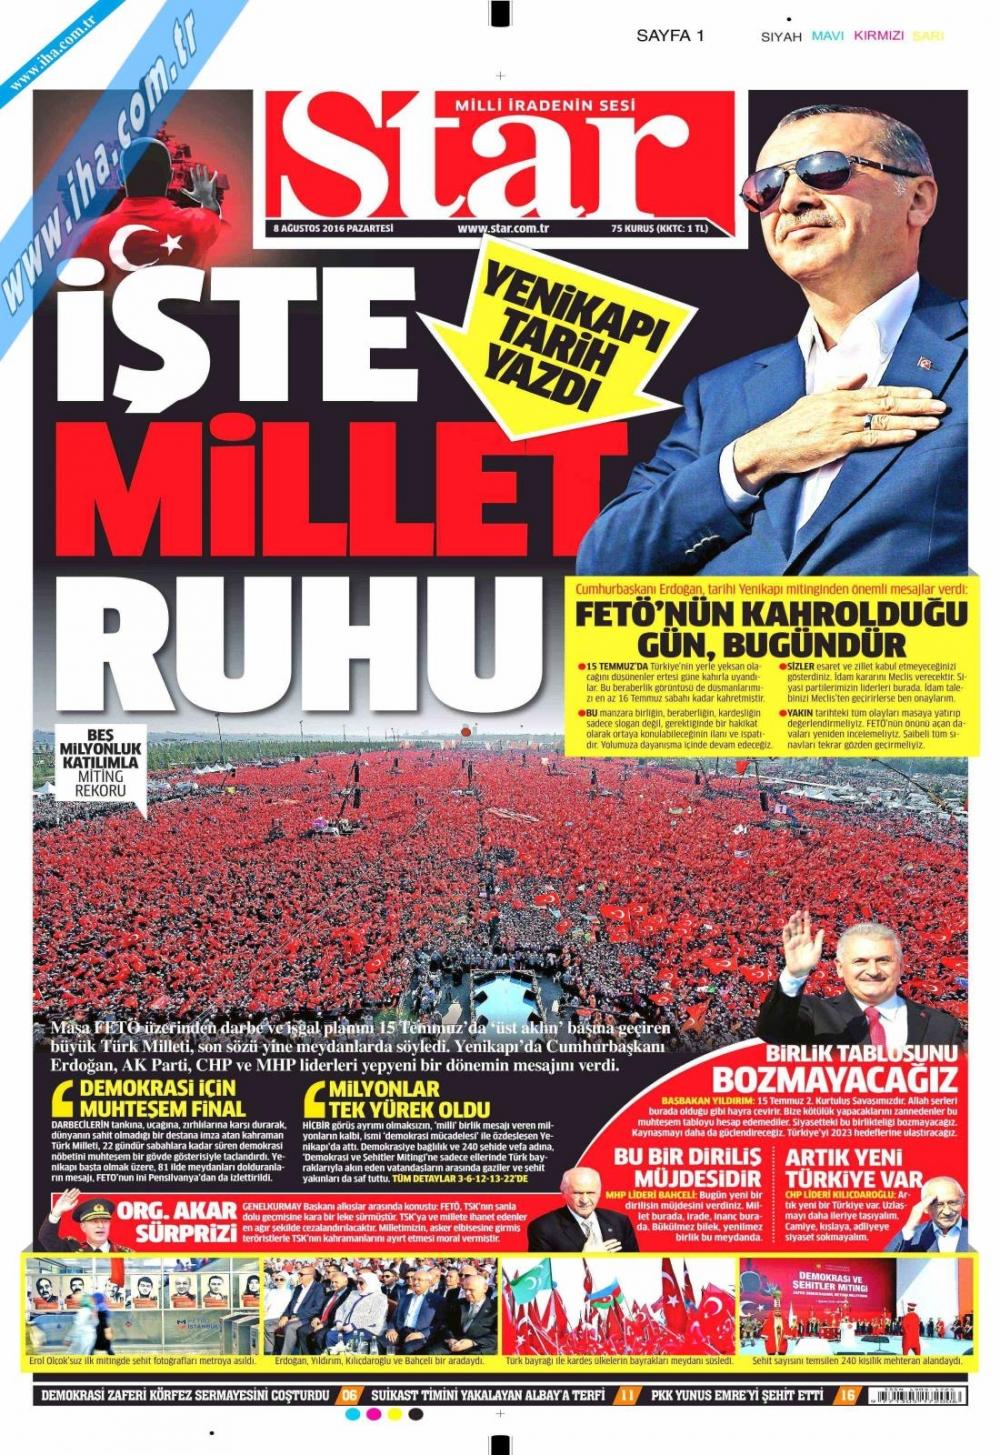 Gazeteler tarihi Yenikapı Mitingi'ni böyle gördü 16